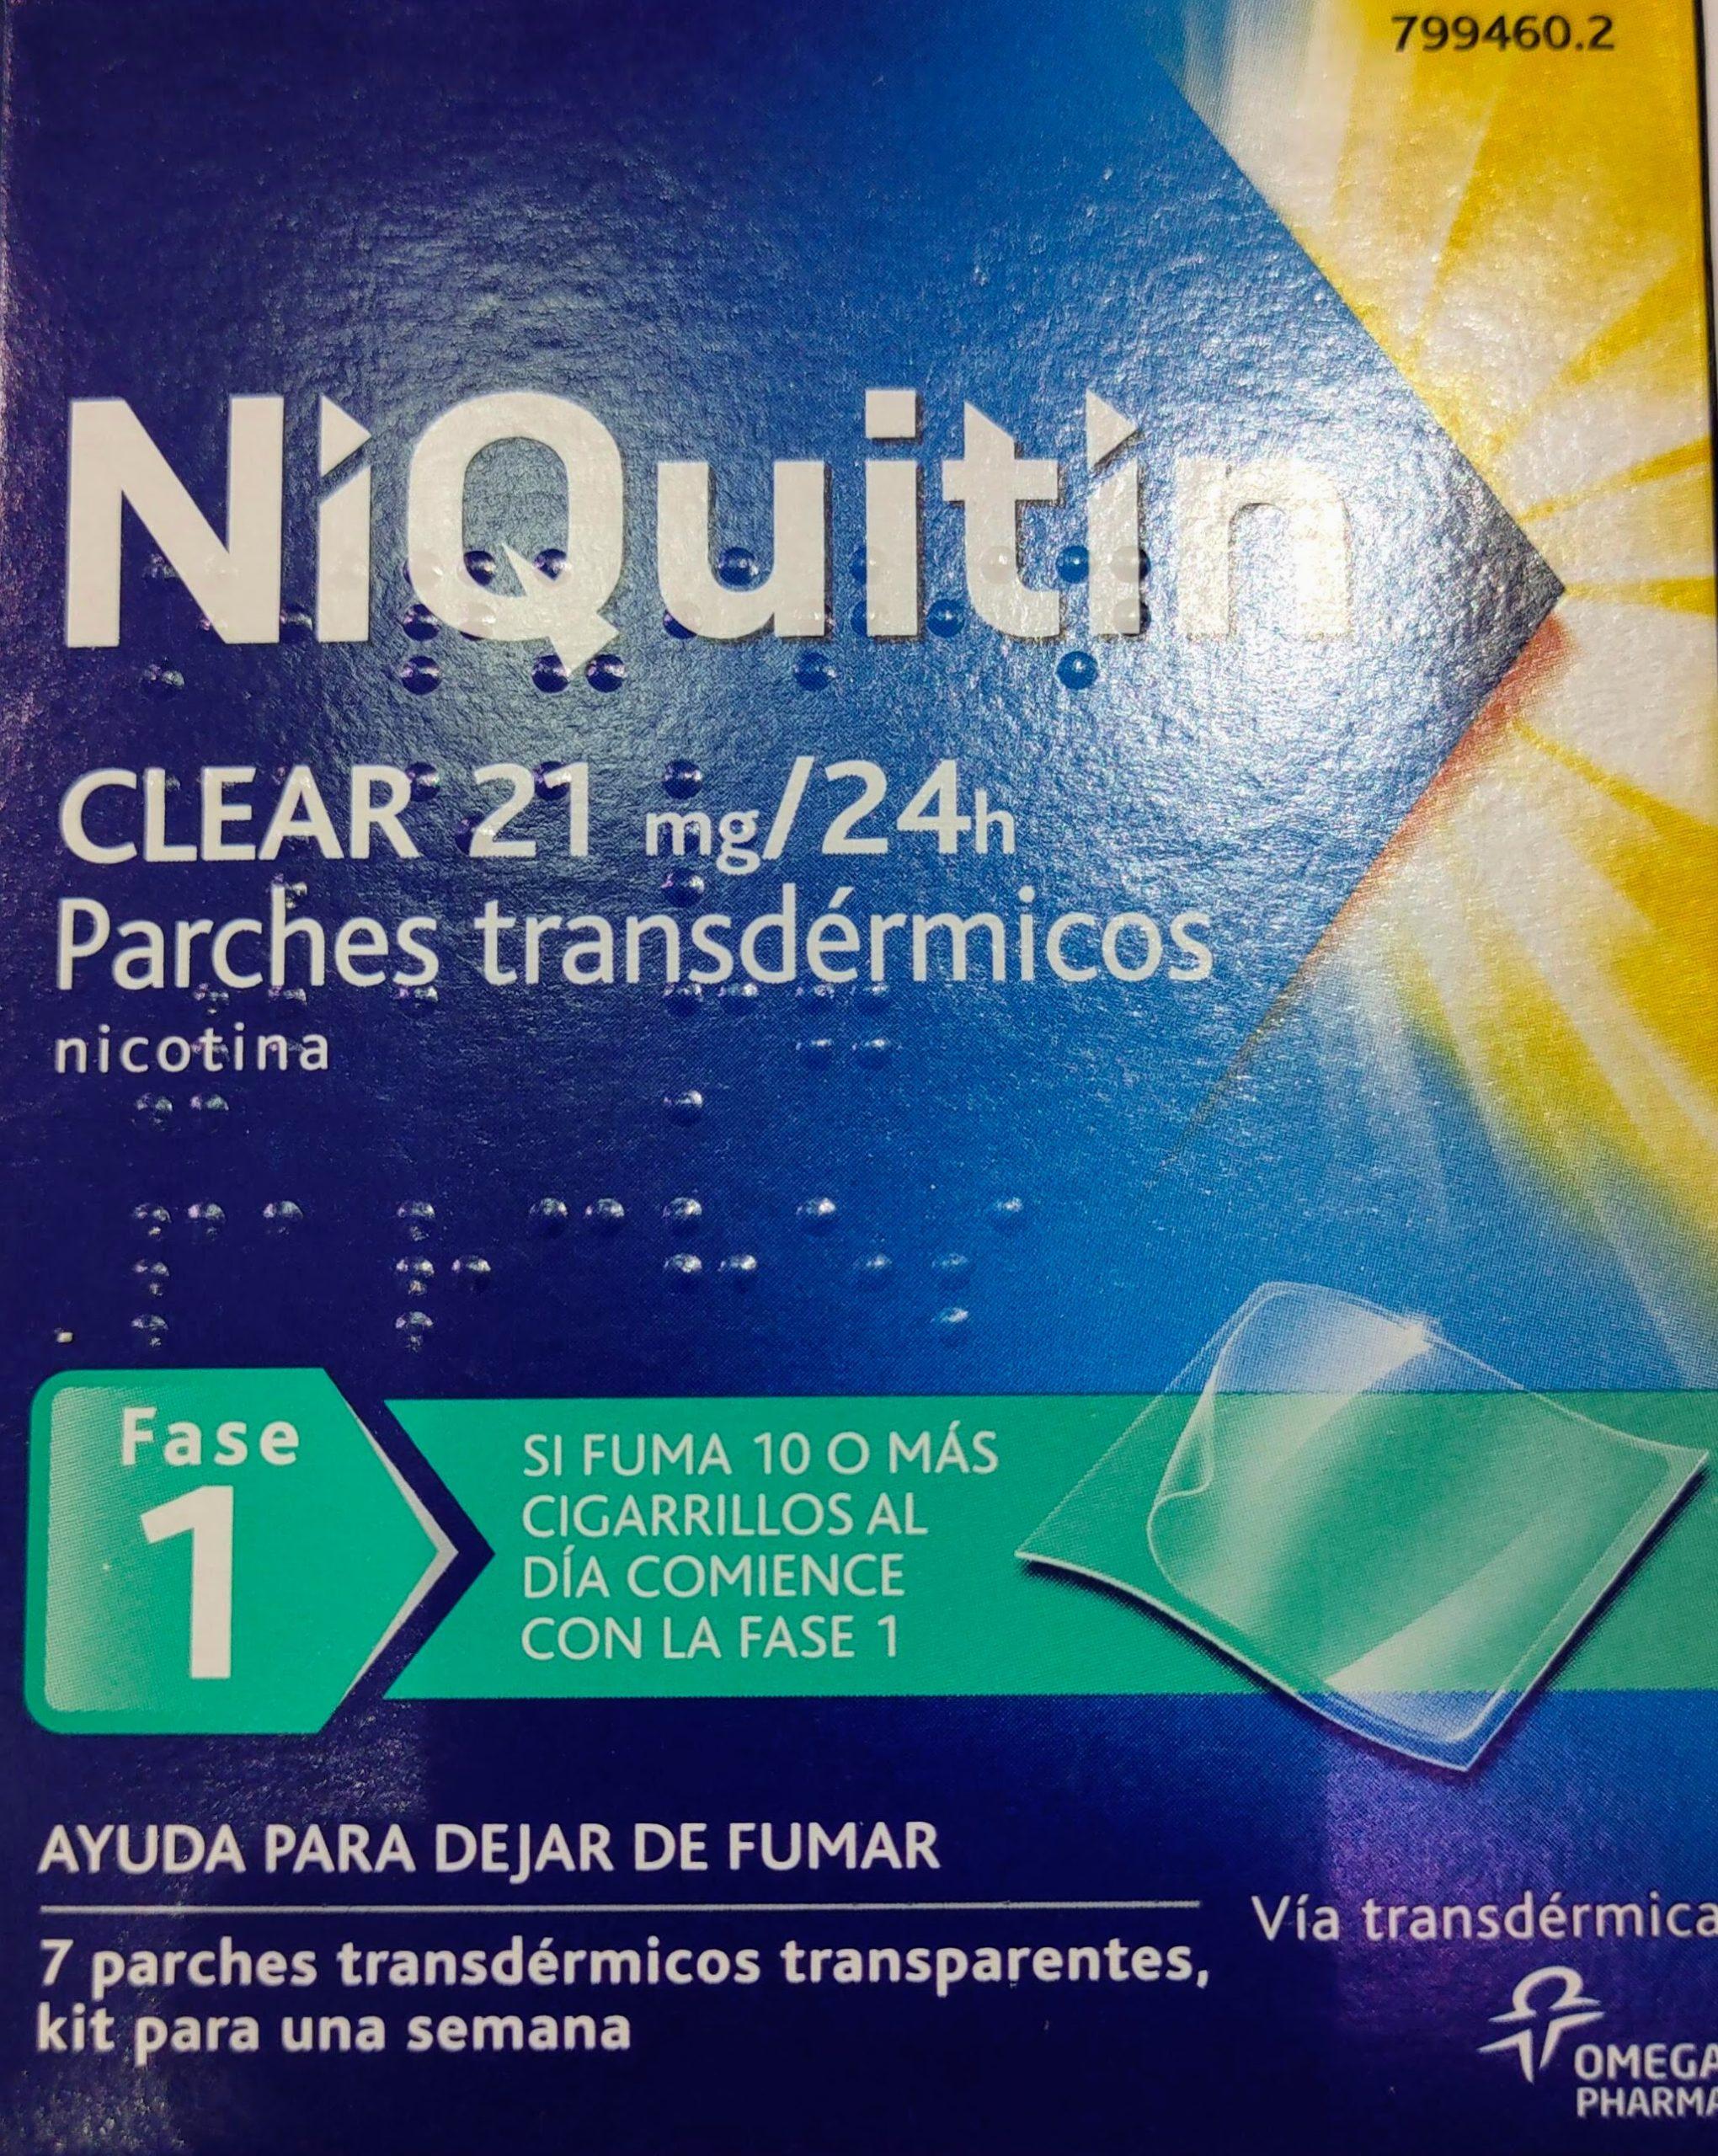 Deje de fumar con Niquitin clear Niquitin clear ayuda a dejar de fumar mediante la sustitución de parte de la nicotina que obtiene de los cigarrillos